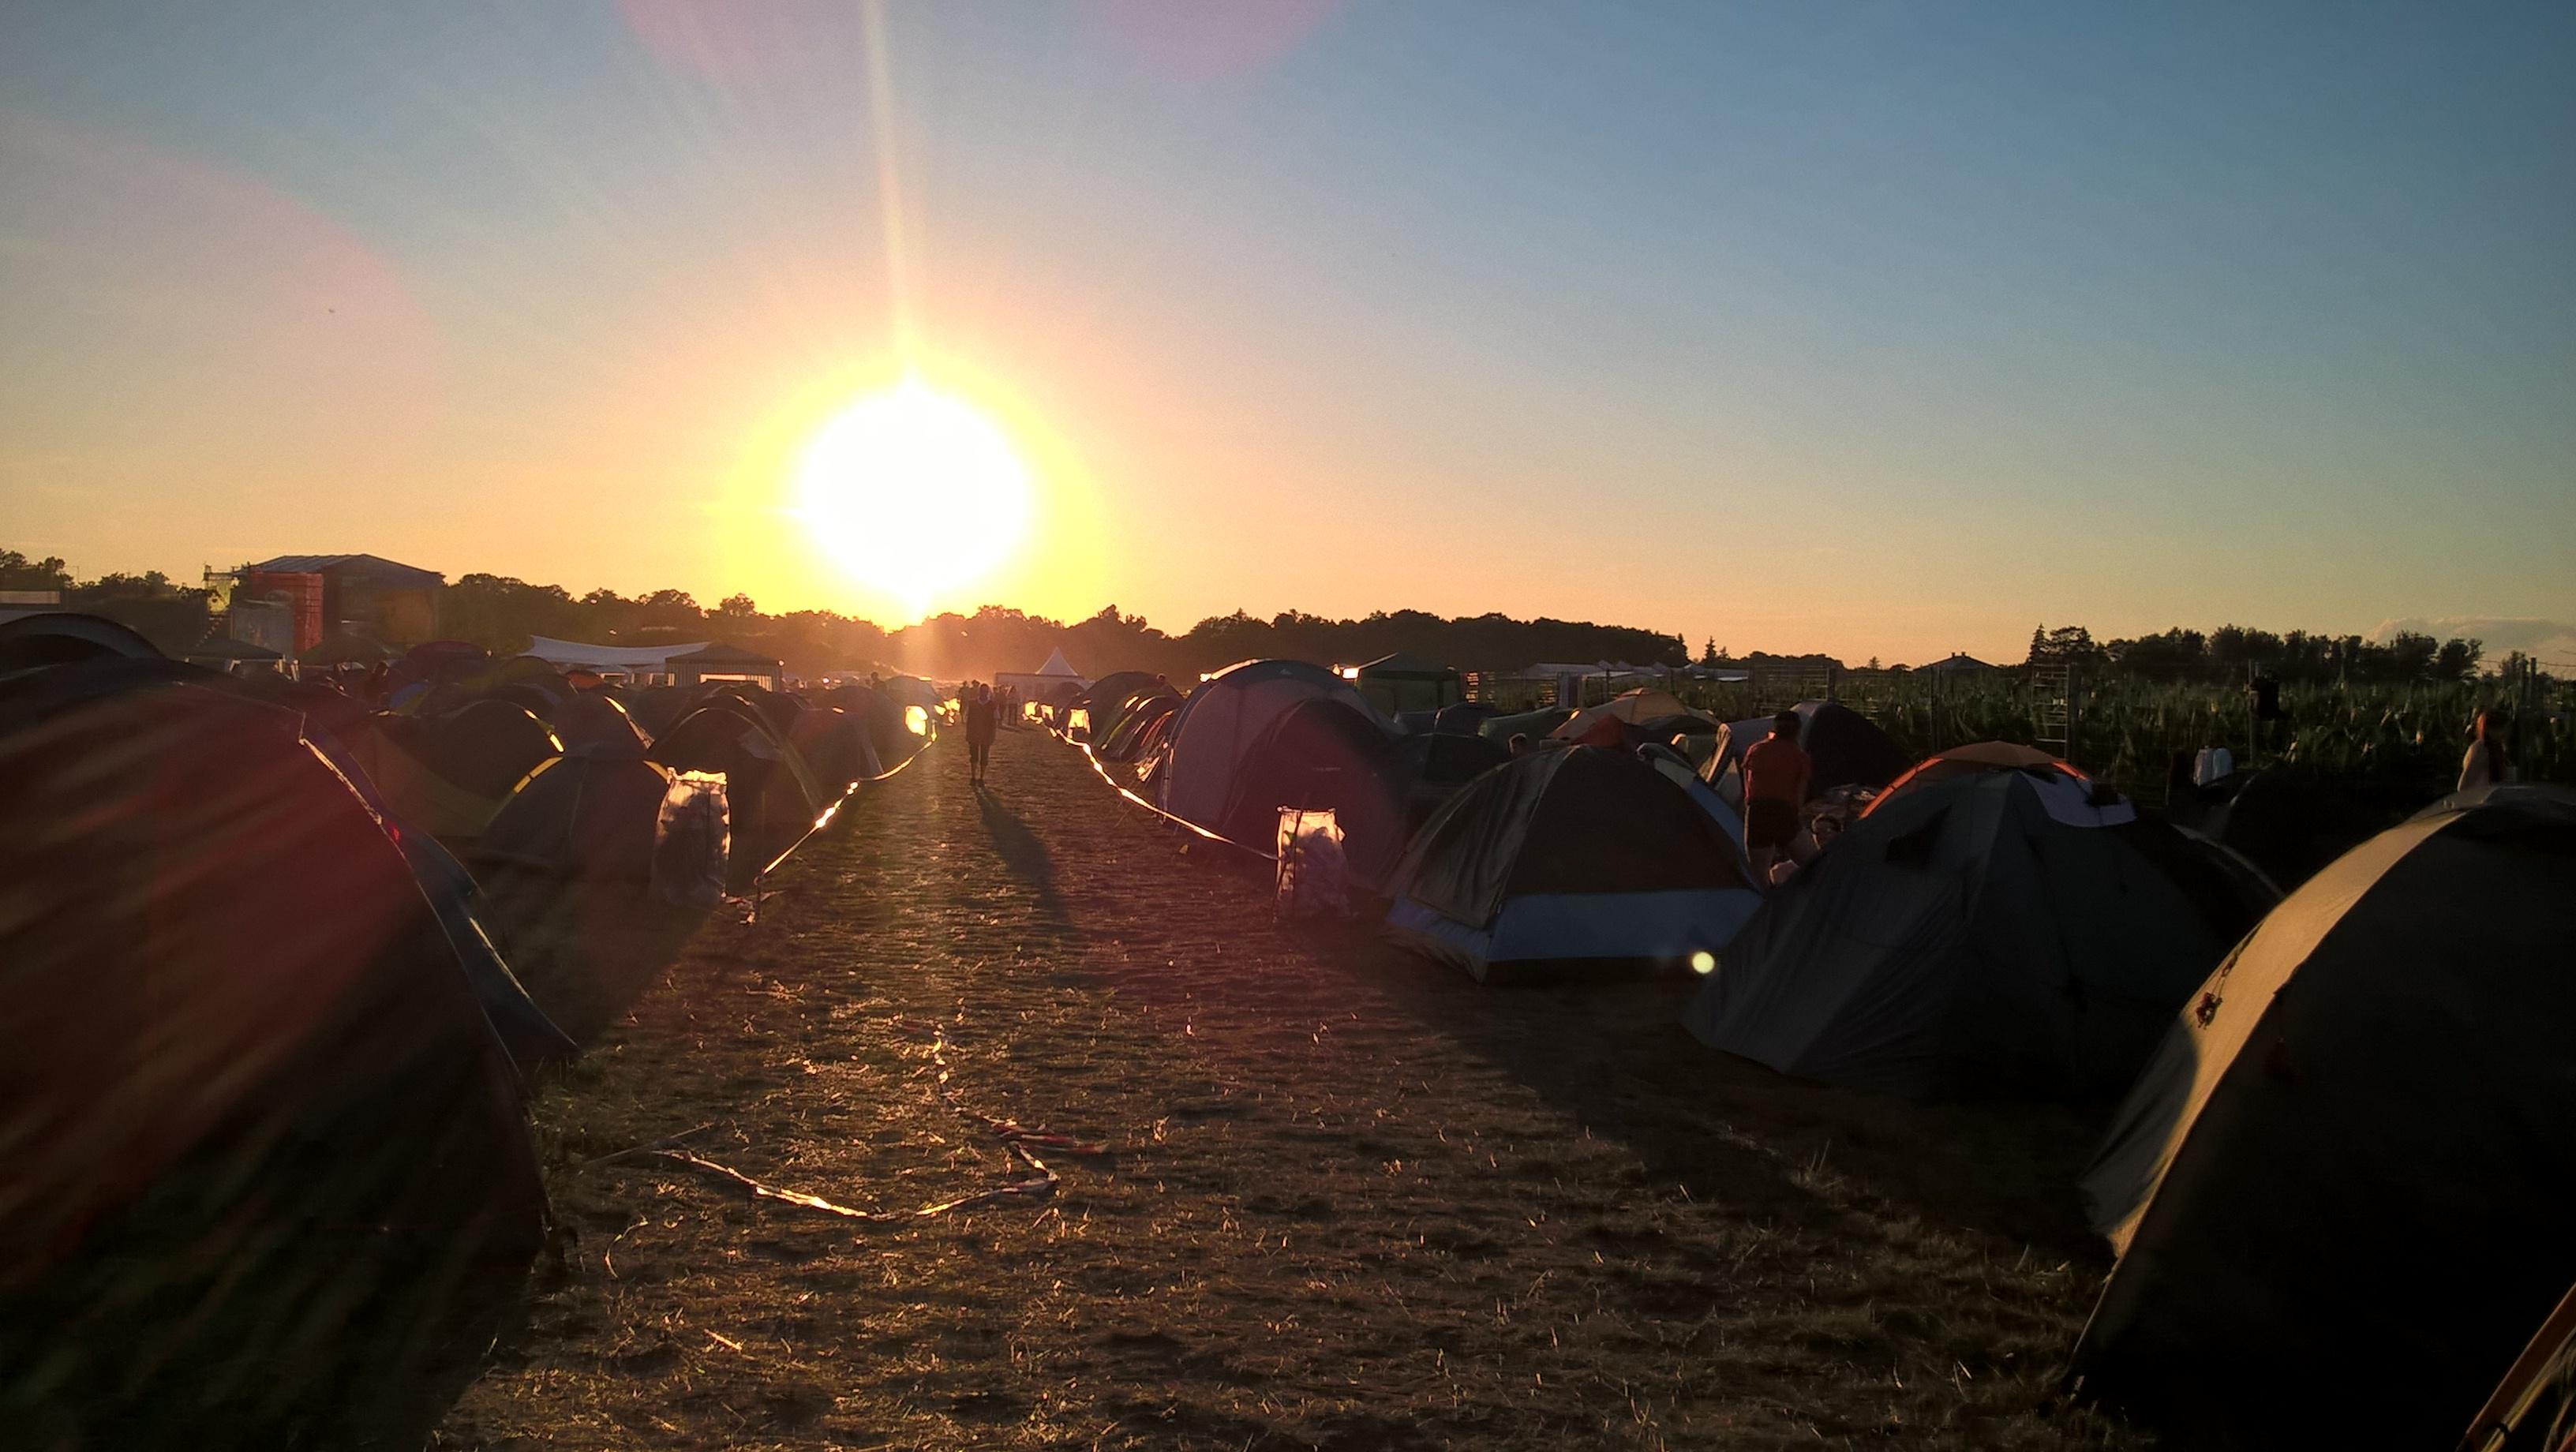 Taki tam widoczek z pola namiotowego